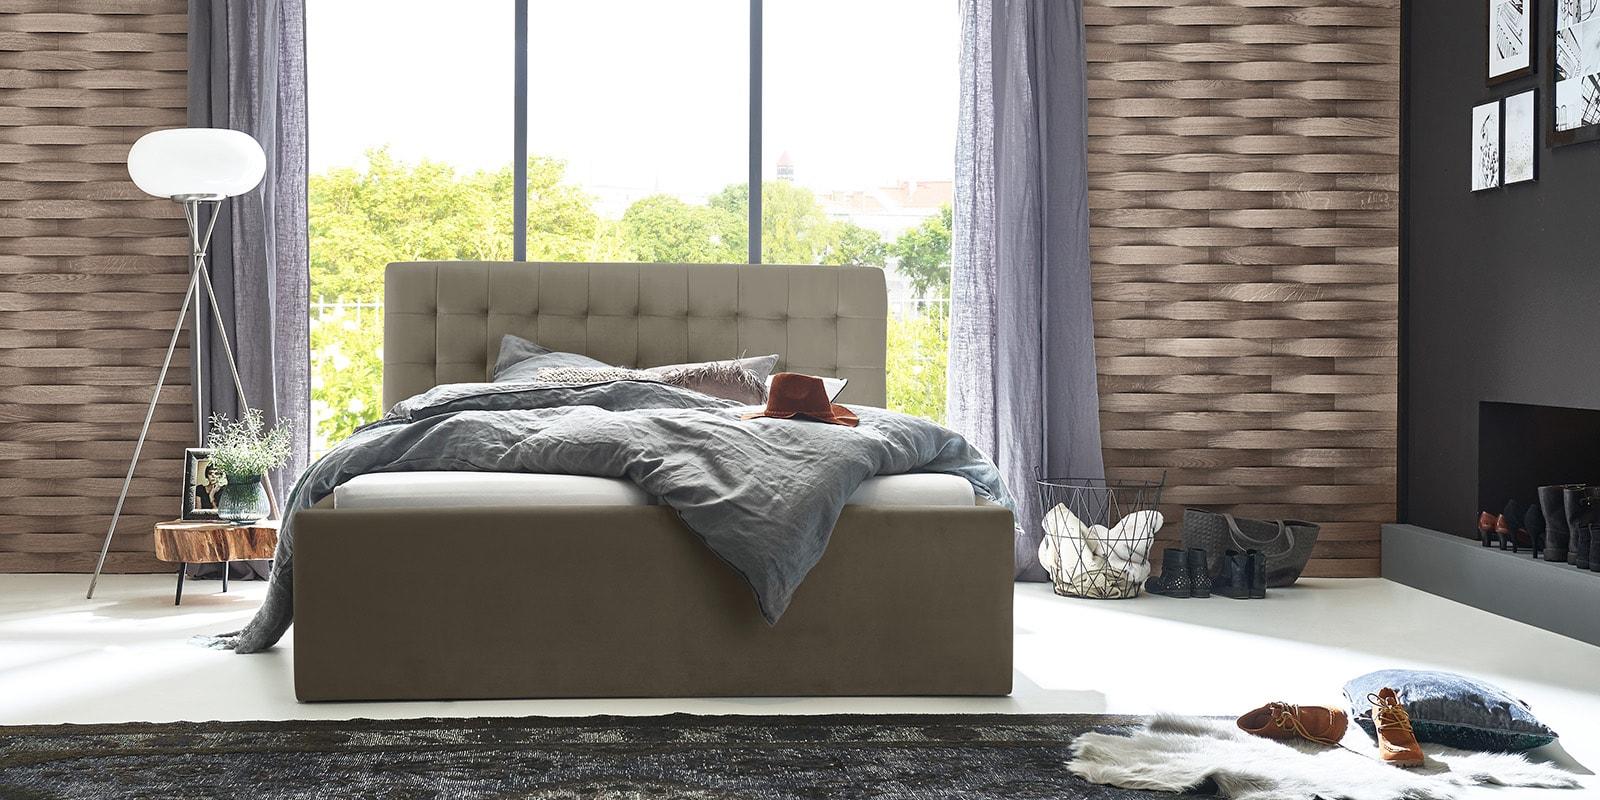 Moebella24 - Bett - mit - Bettkasten - Molly - Samt - Taupe - Stauraum - Bettkasten - und - Lattenrost - vormontiert - verstärkte - Dämpfer - Frontal